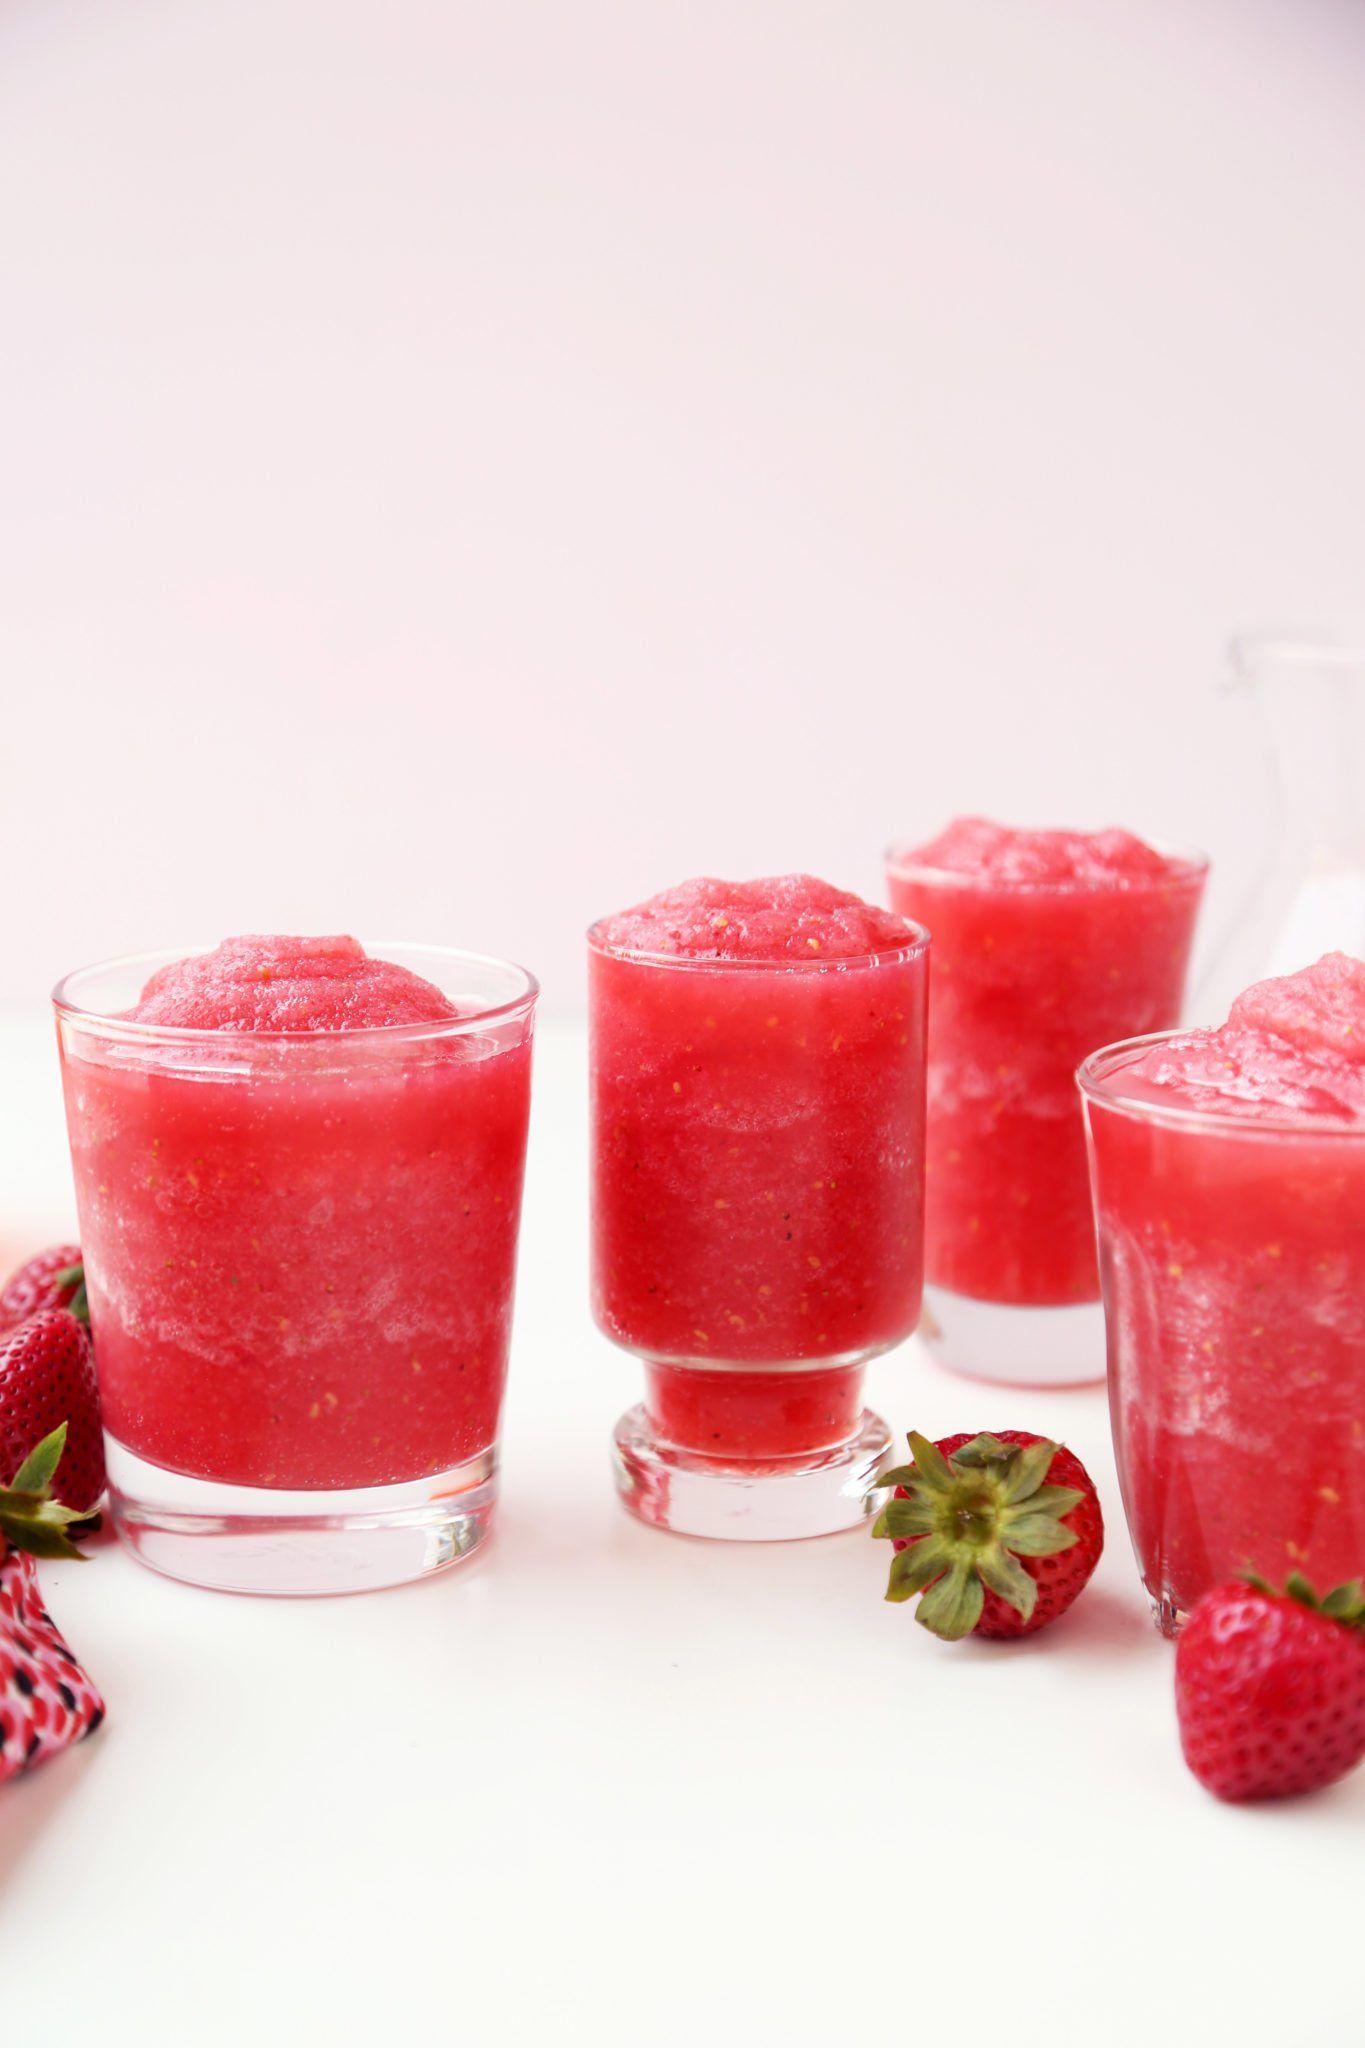 Strawberry Raspberry Rose Slushies Joy The Baker Recipe Slushies Joy The Baker Raspberry